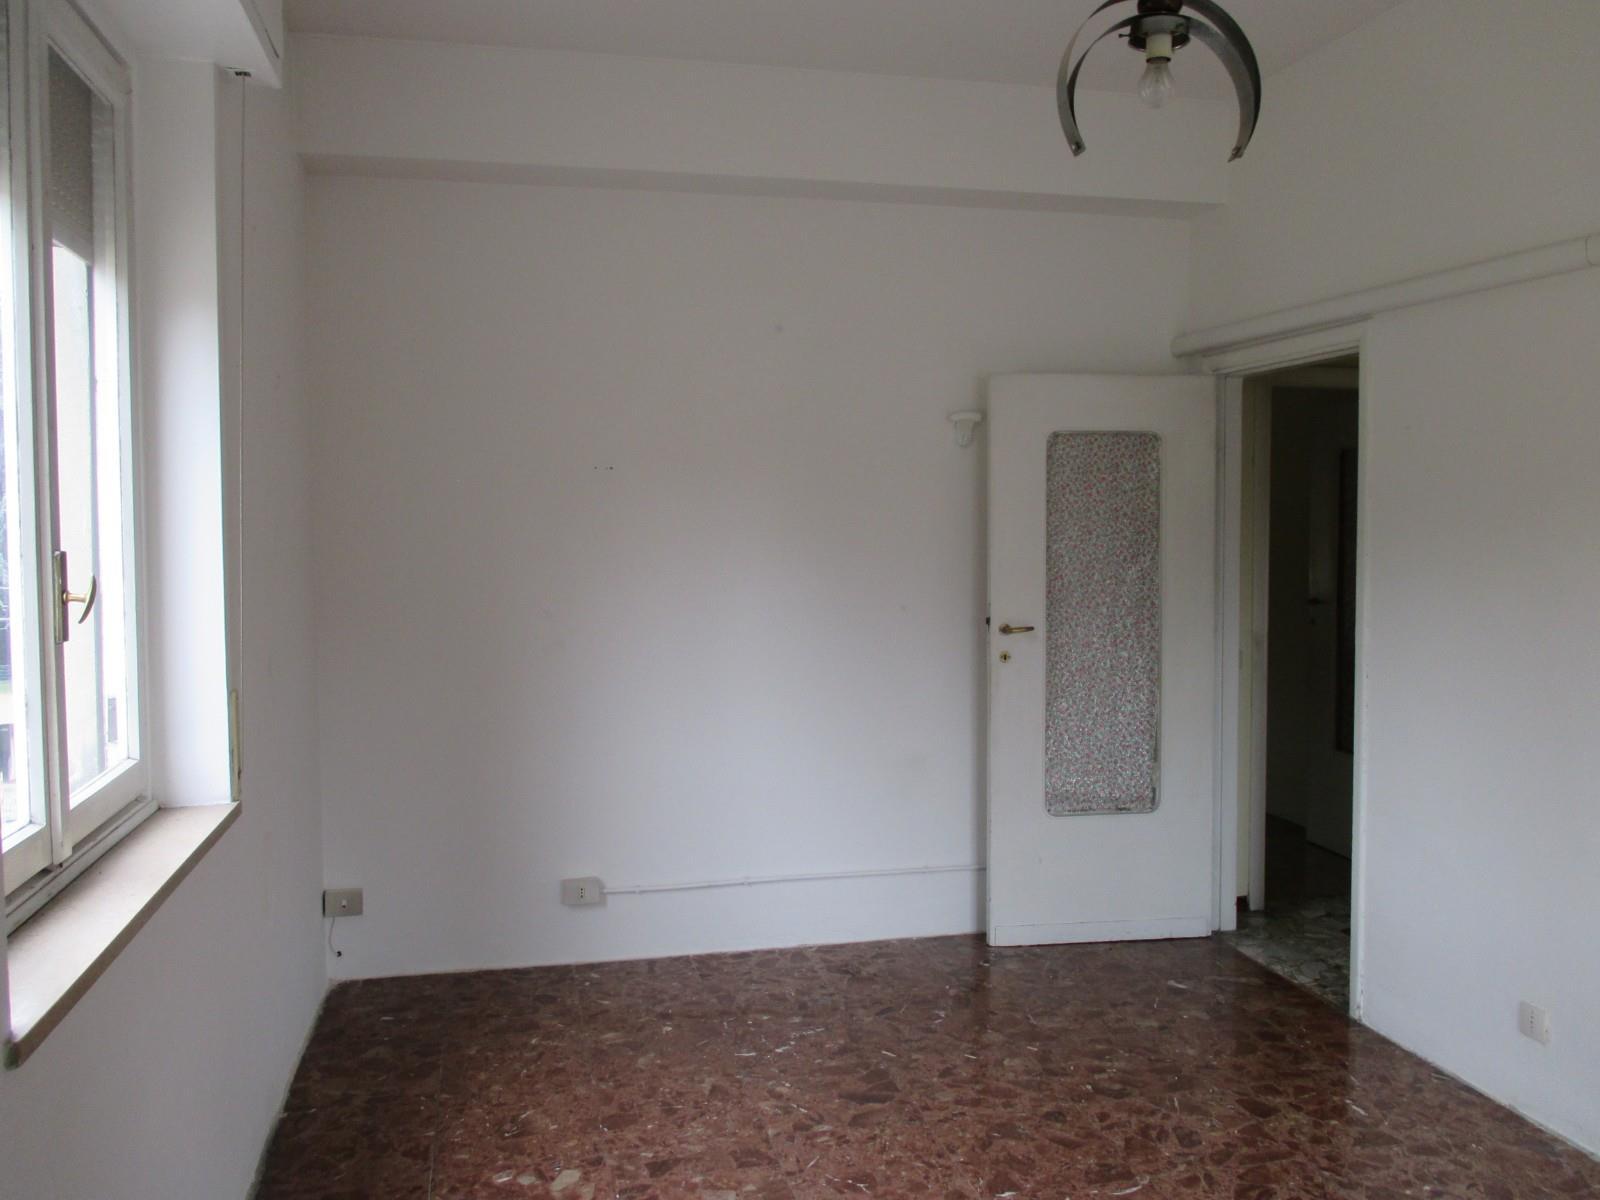 Foto 12 - Appartamento in Vendita - Seveso (Monza e Brianza)